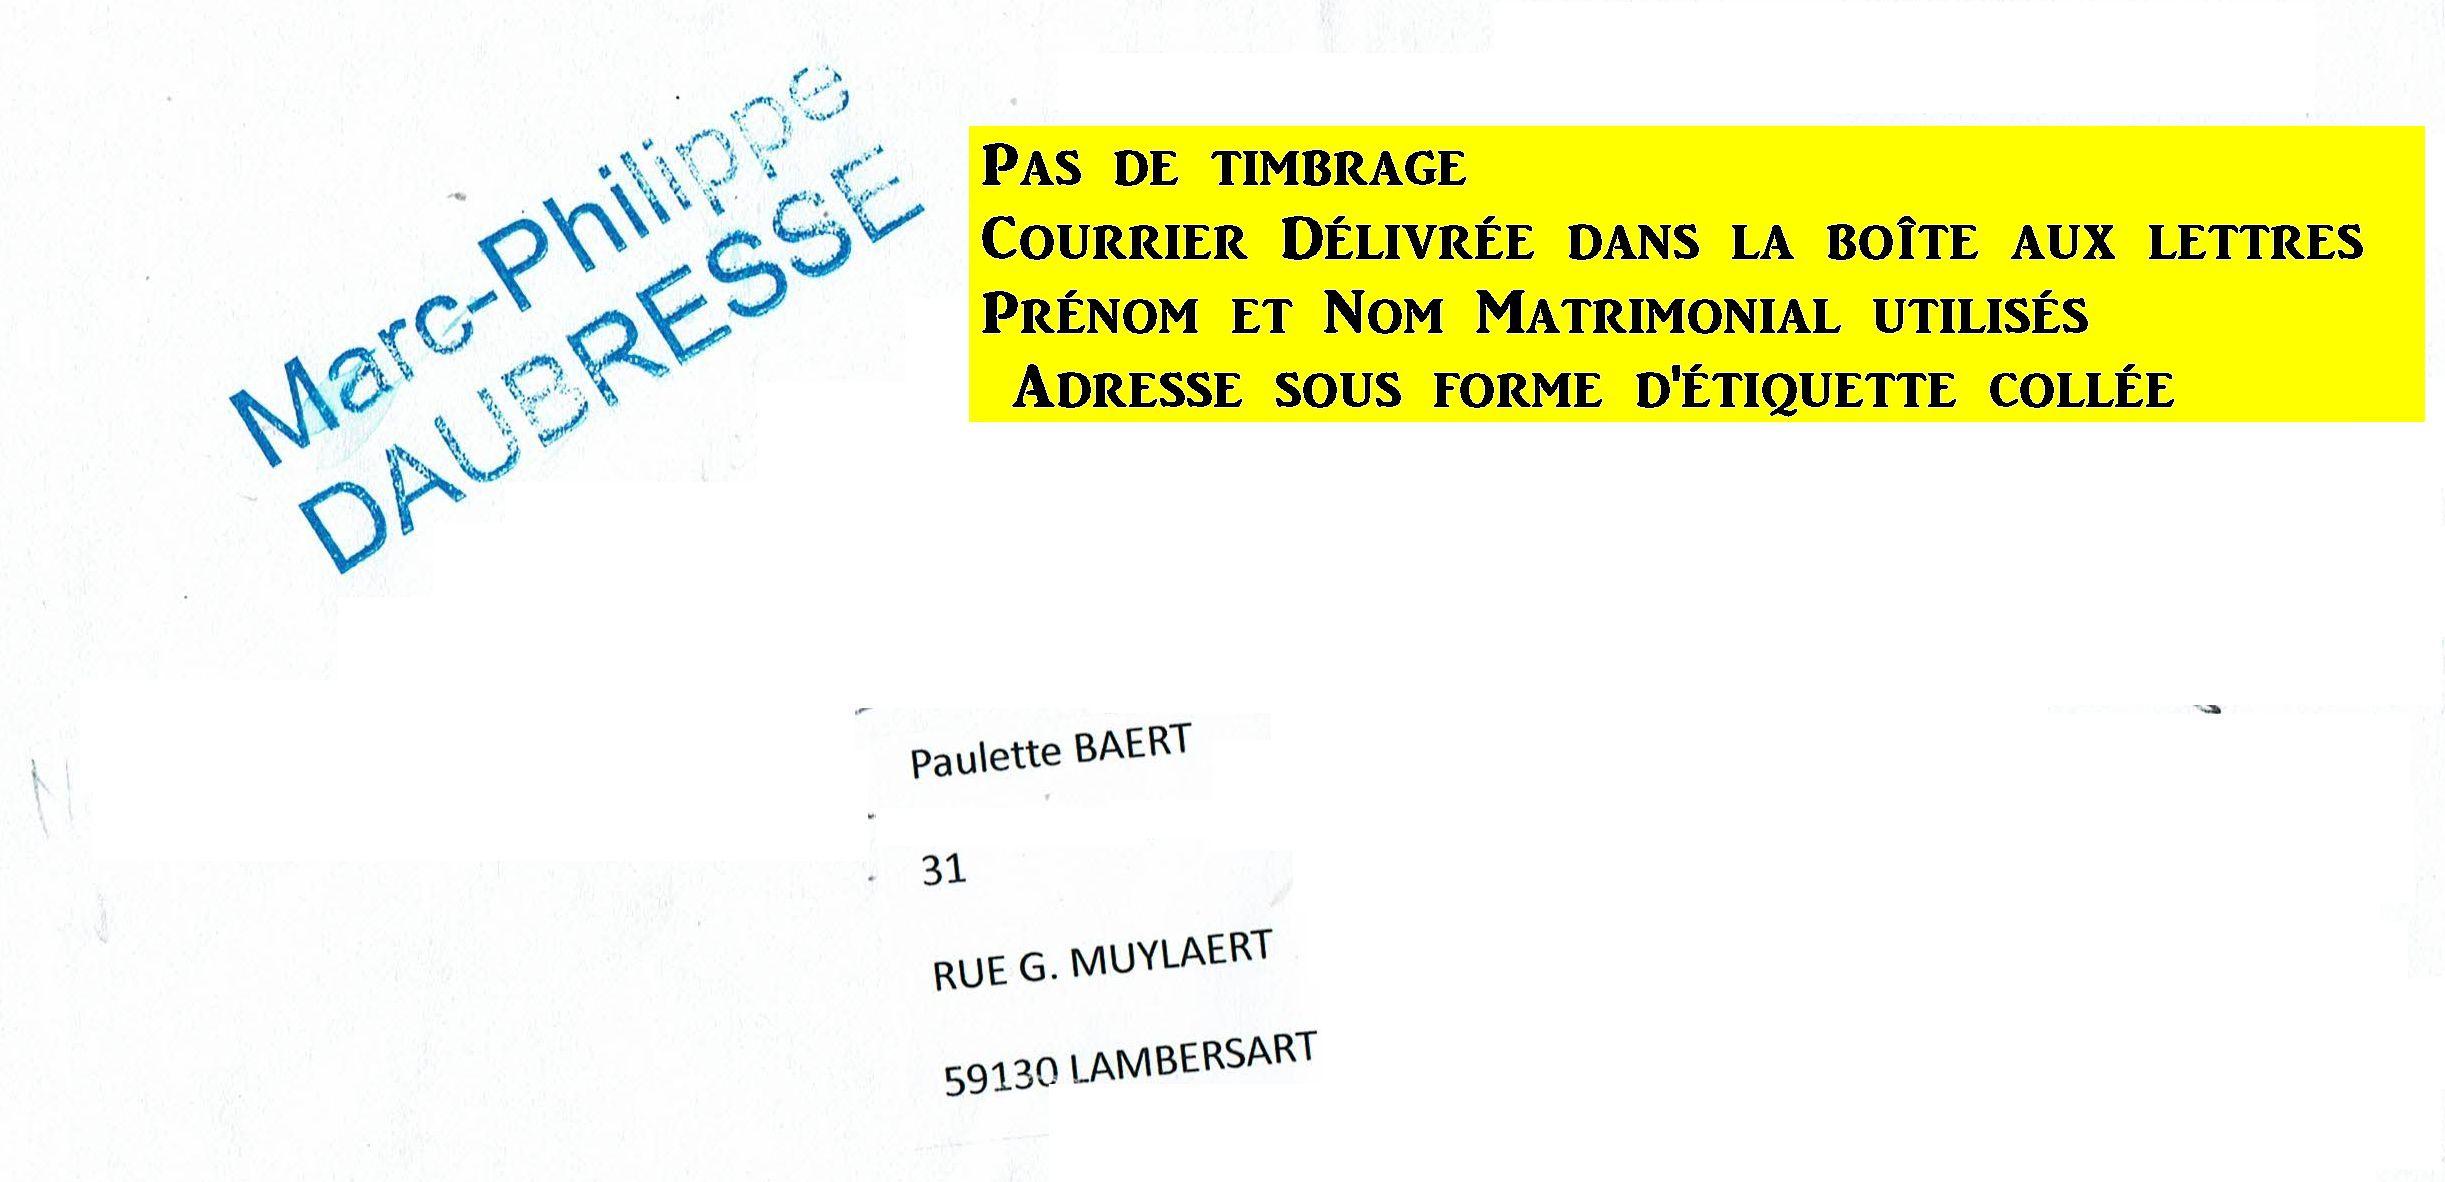 Enveloppe Paulette BAERT